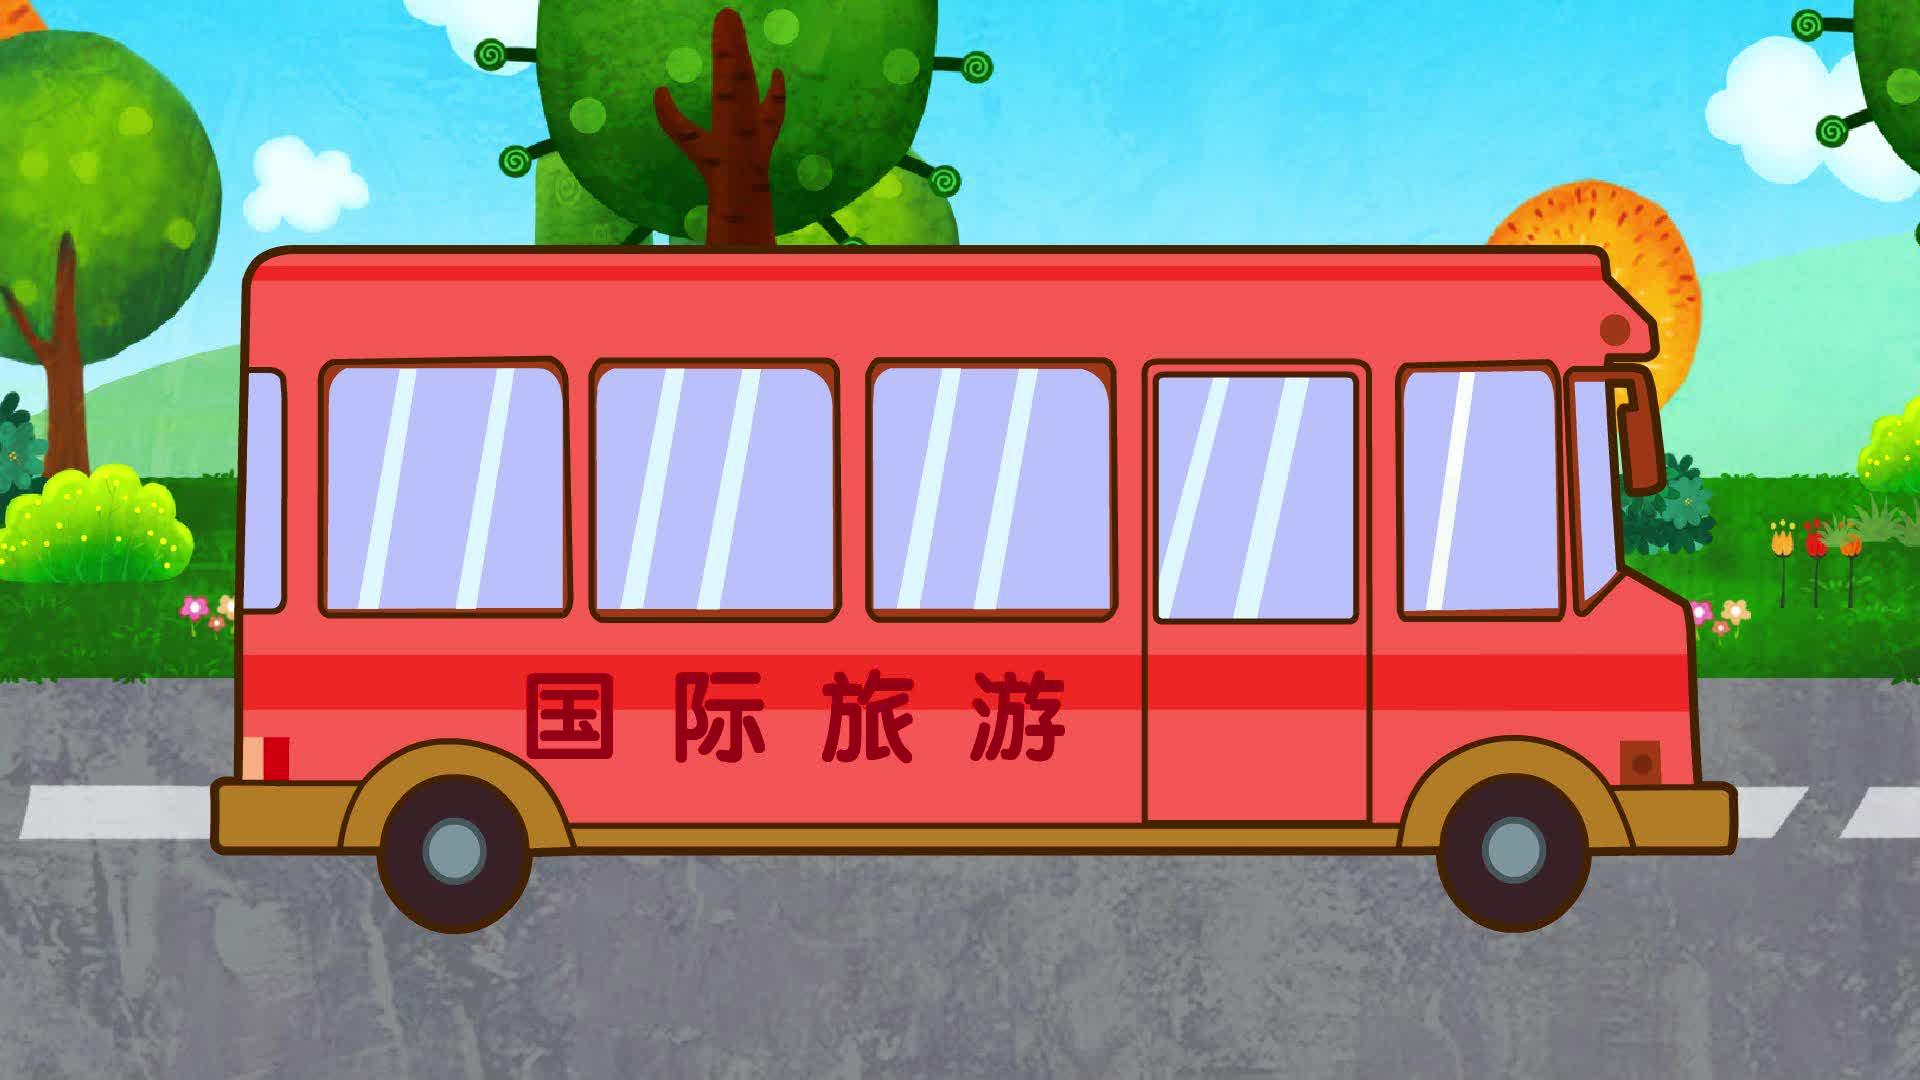 第17集《请勿追着游客兜售商品》